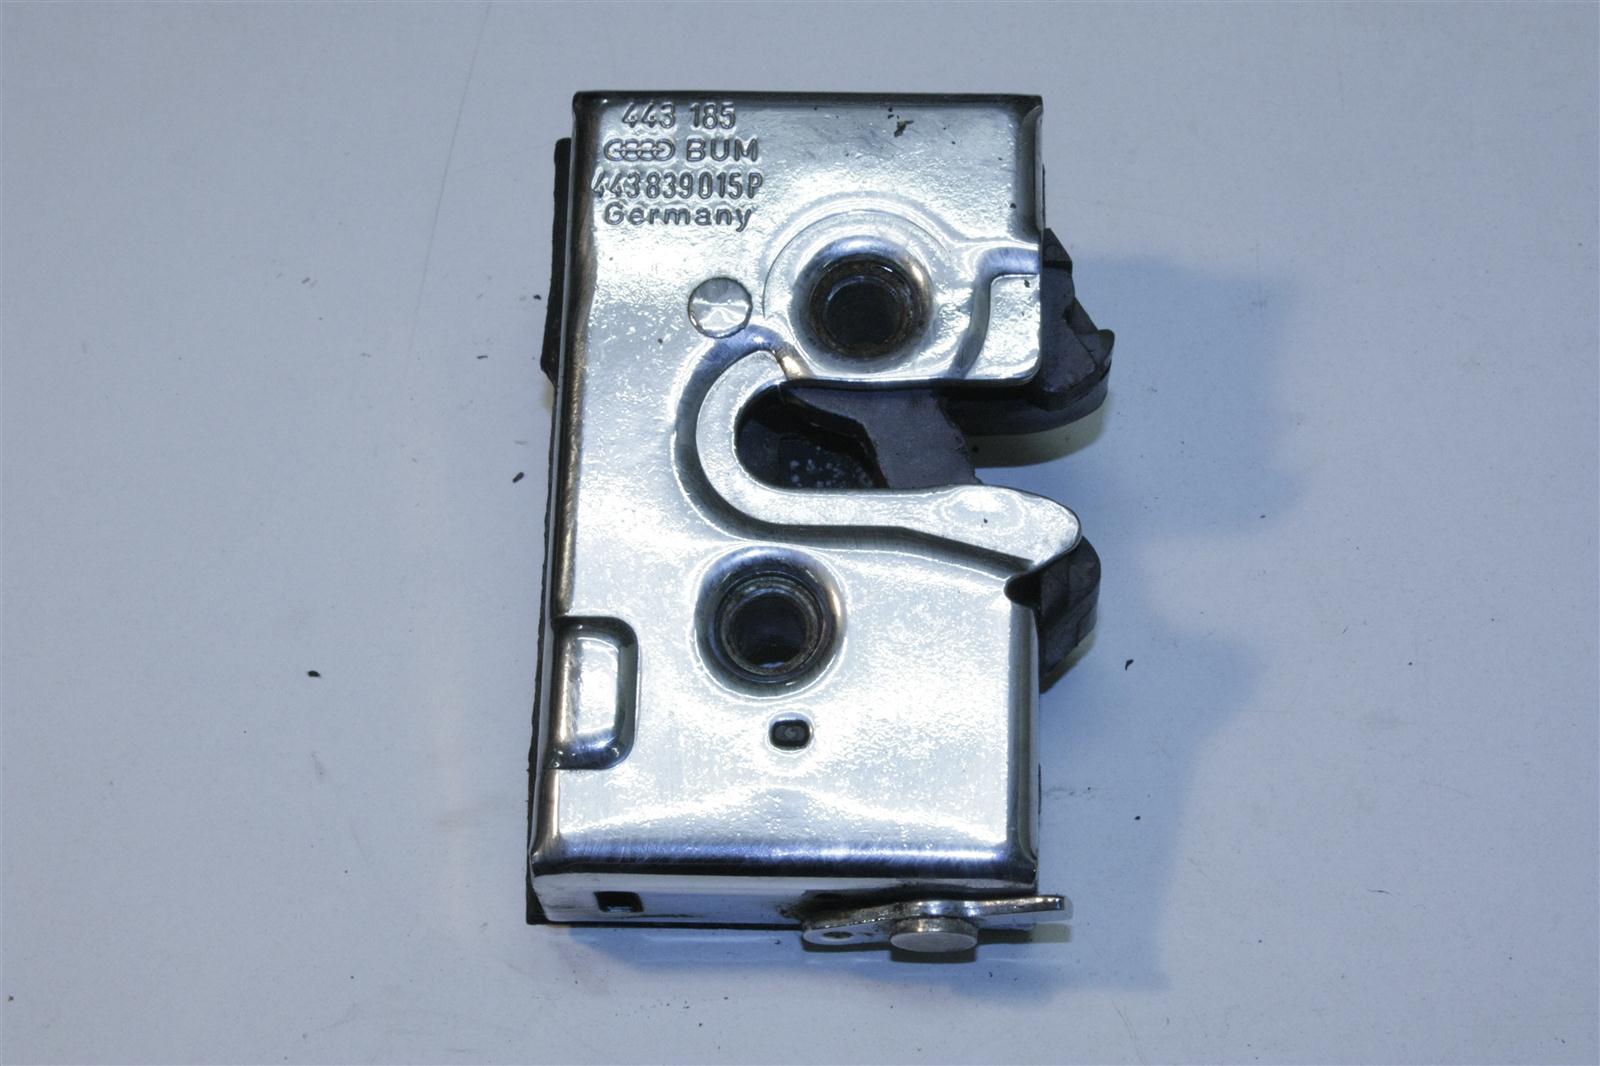 Audi 100/200 Typ 44/V8 Türschloss verchromt Hinten Links 441839015 443839015P